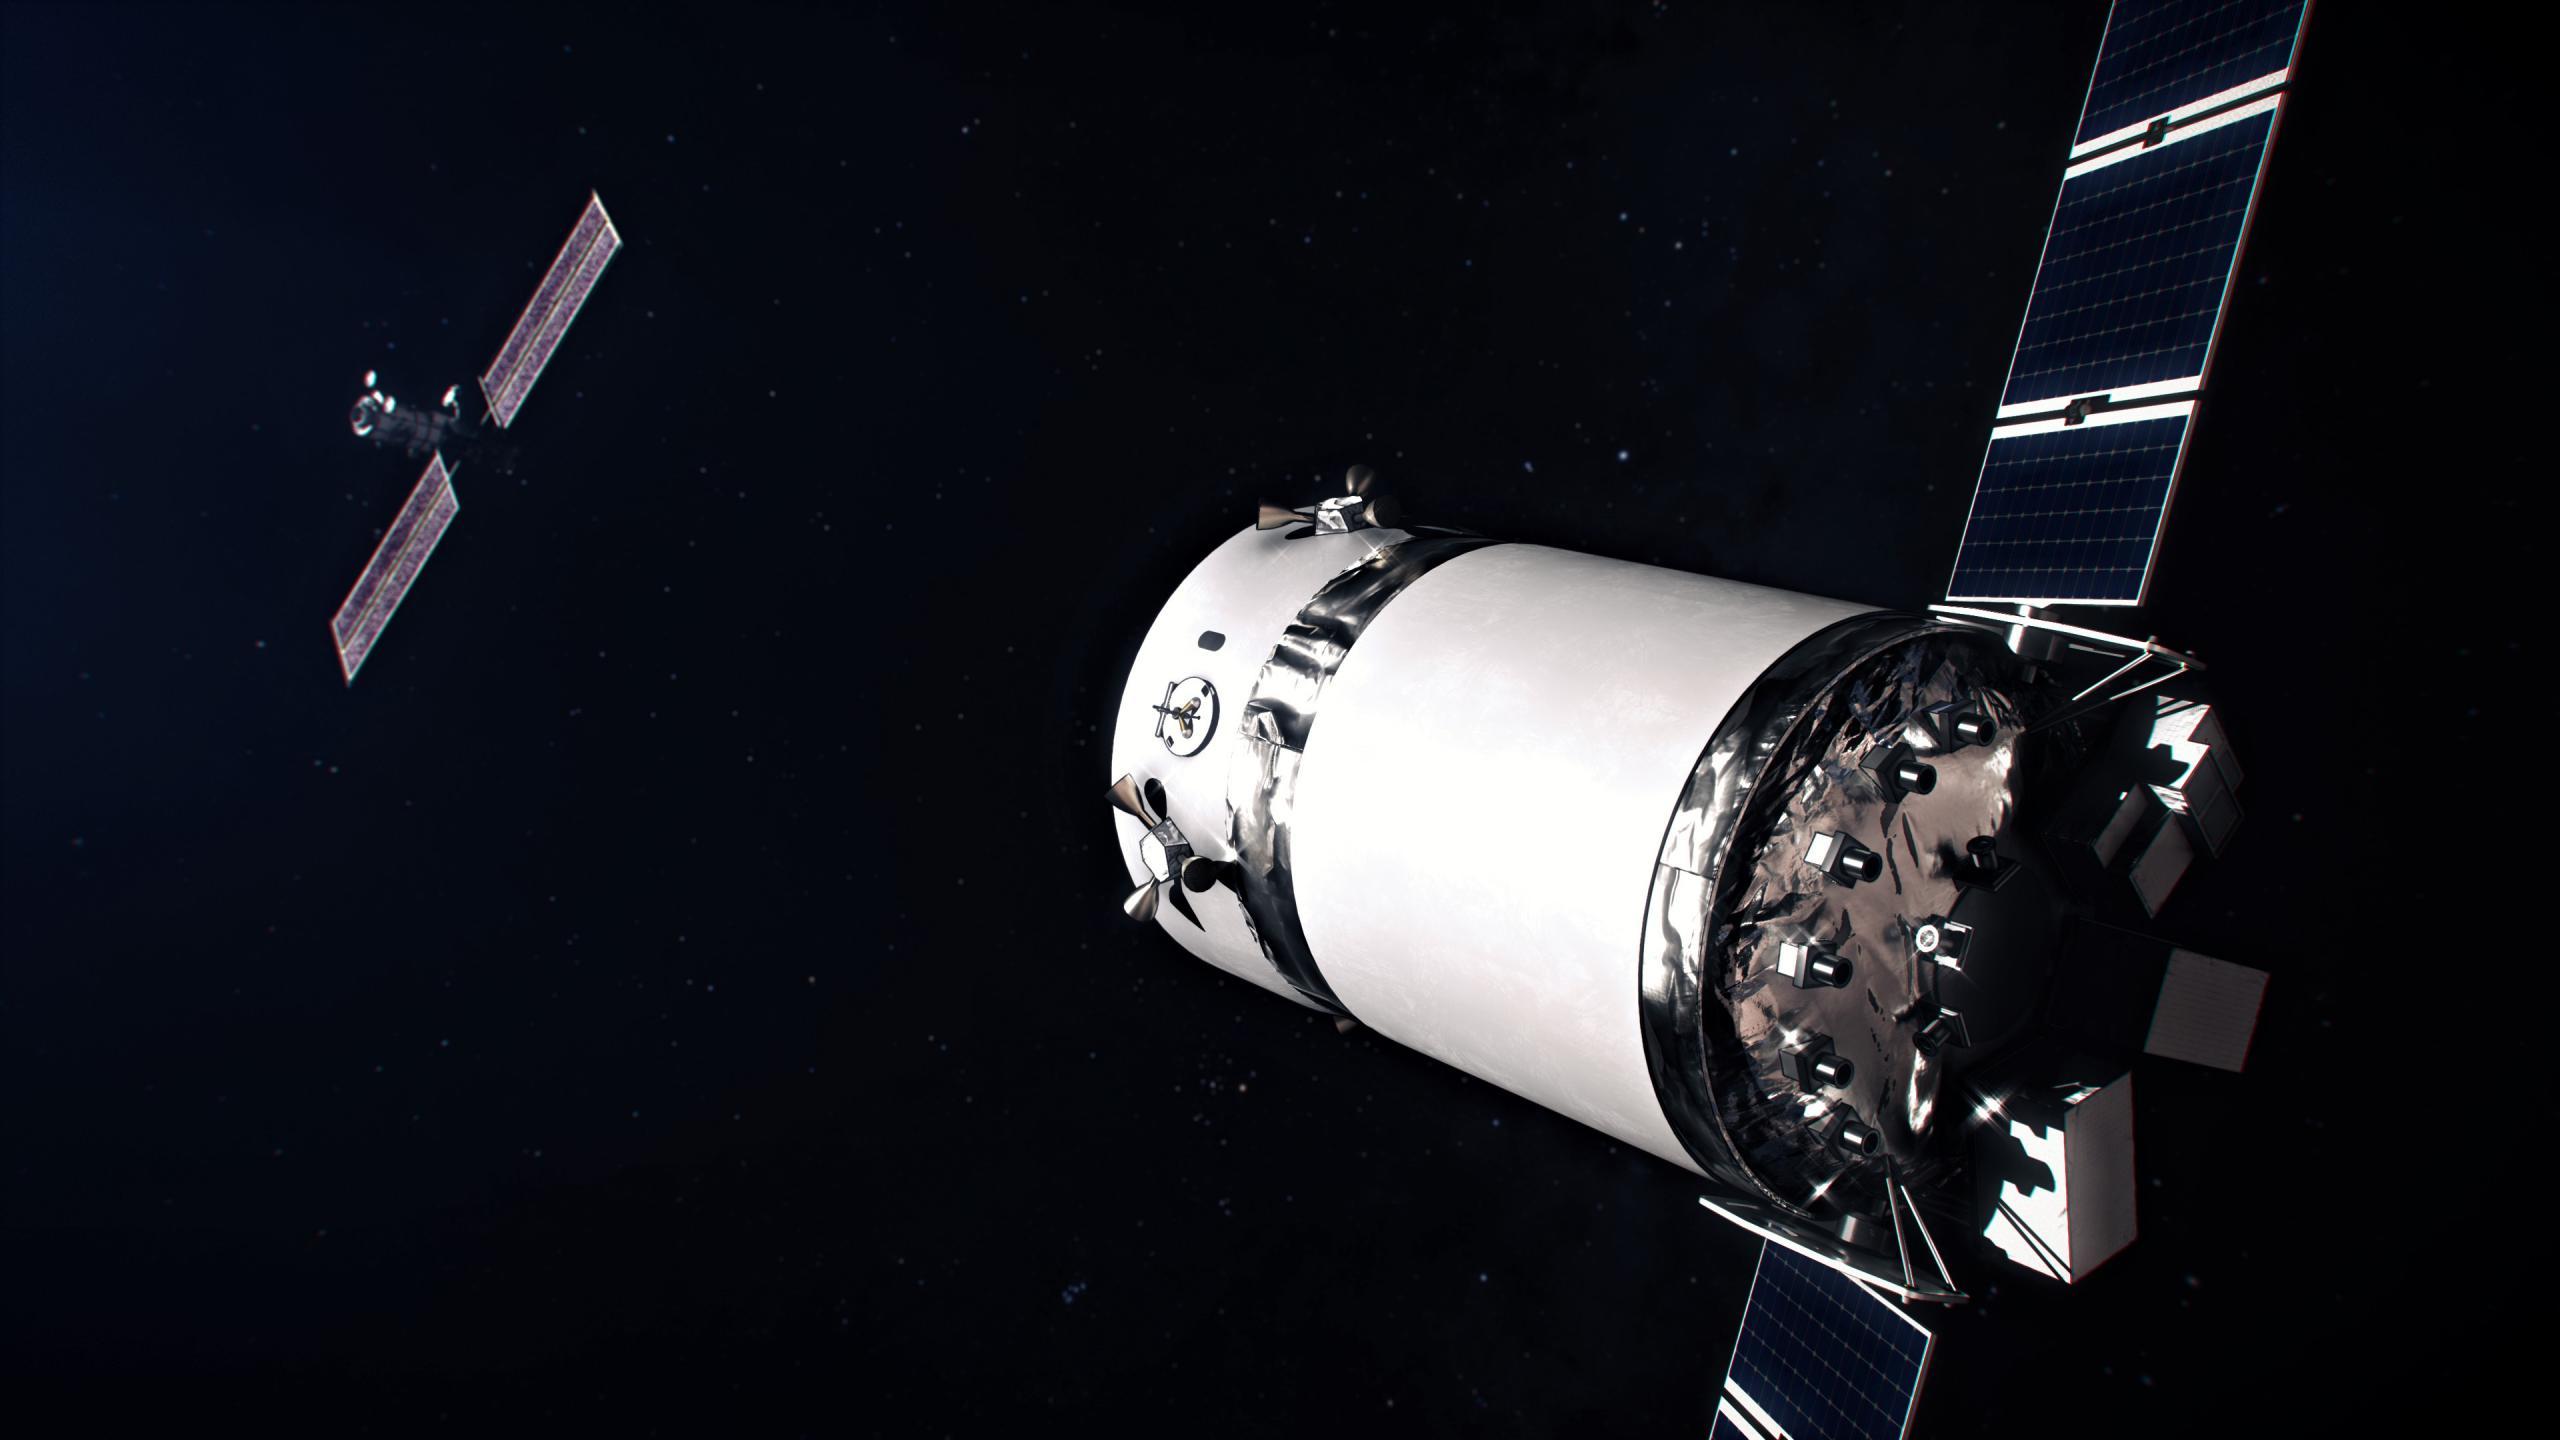 Dragon XL Gateway renders 2021 (NASA) 3 edit (c)